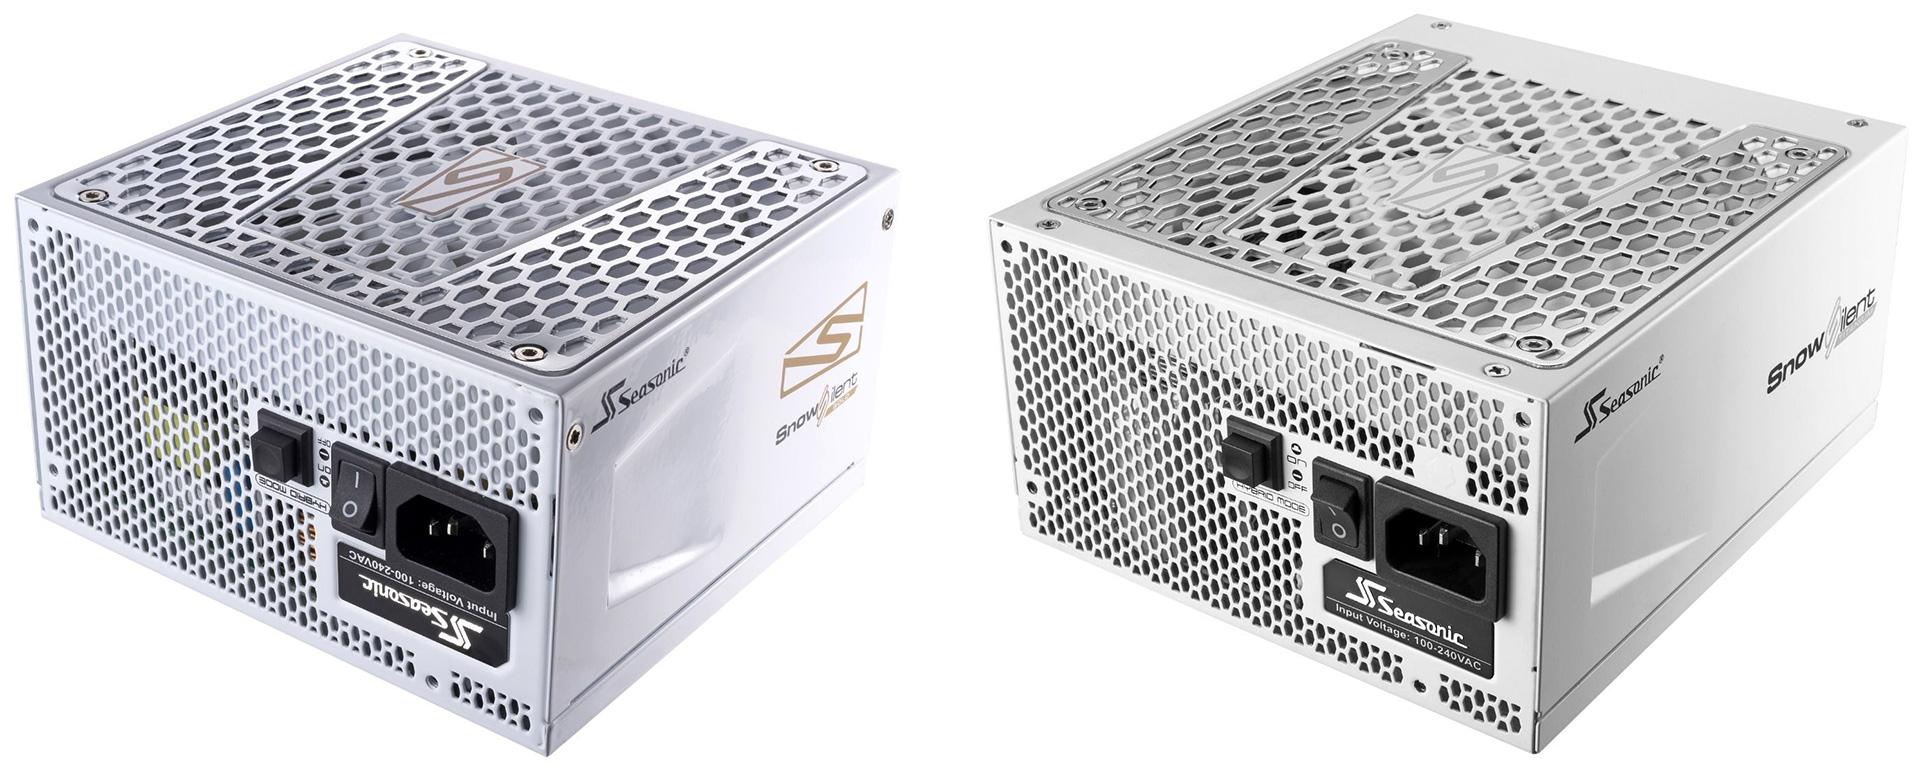 80 Plus Titanium 1 Cooler Master Masterwatt Maker 1500 Mpz F001 Afbat Psu Prime Snowsilent 750 Ssr 750tr